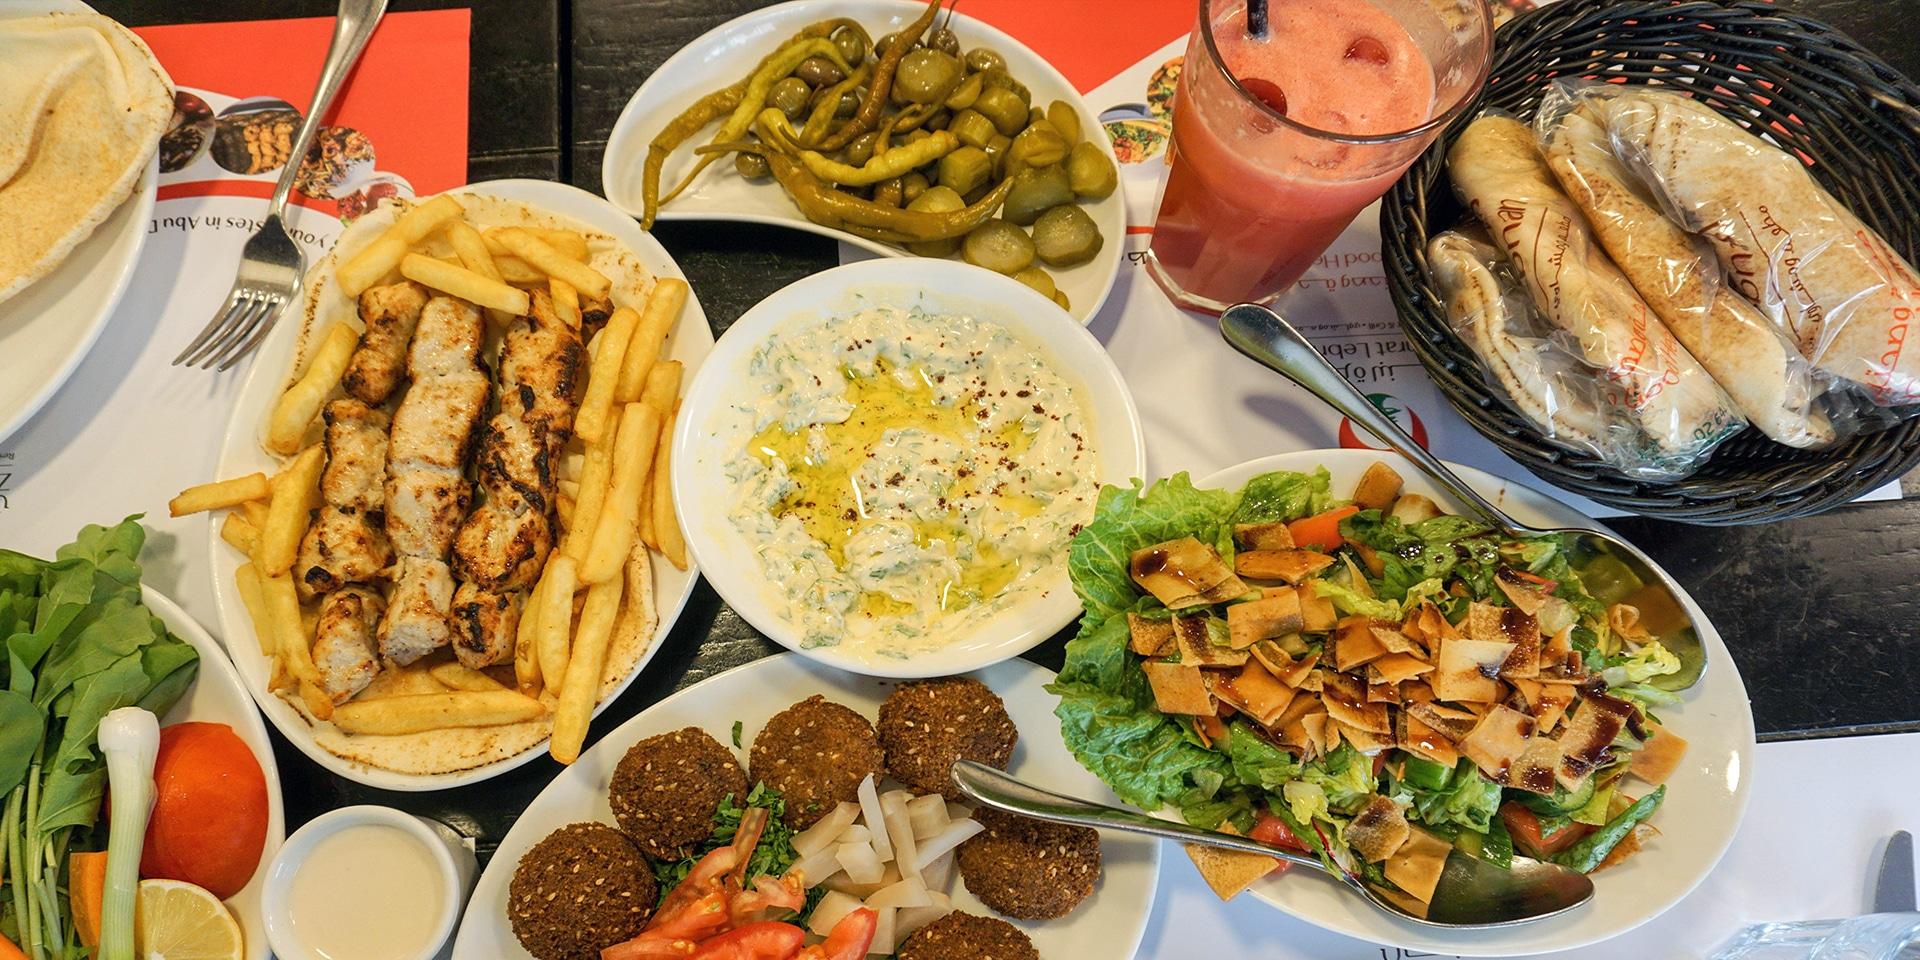 Lebanese restaurant Willoughby